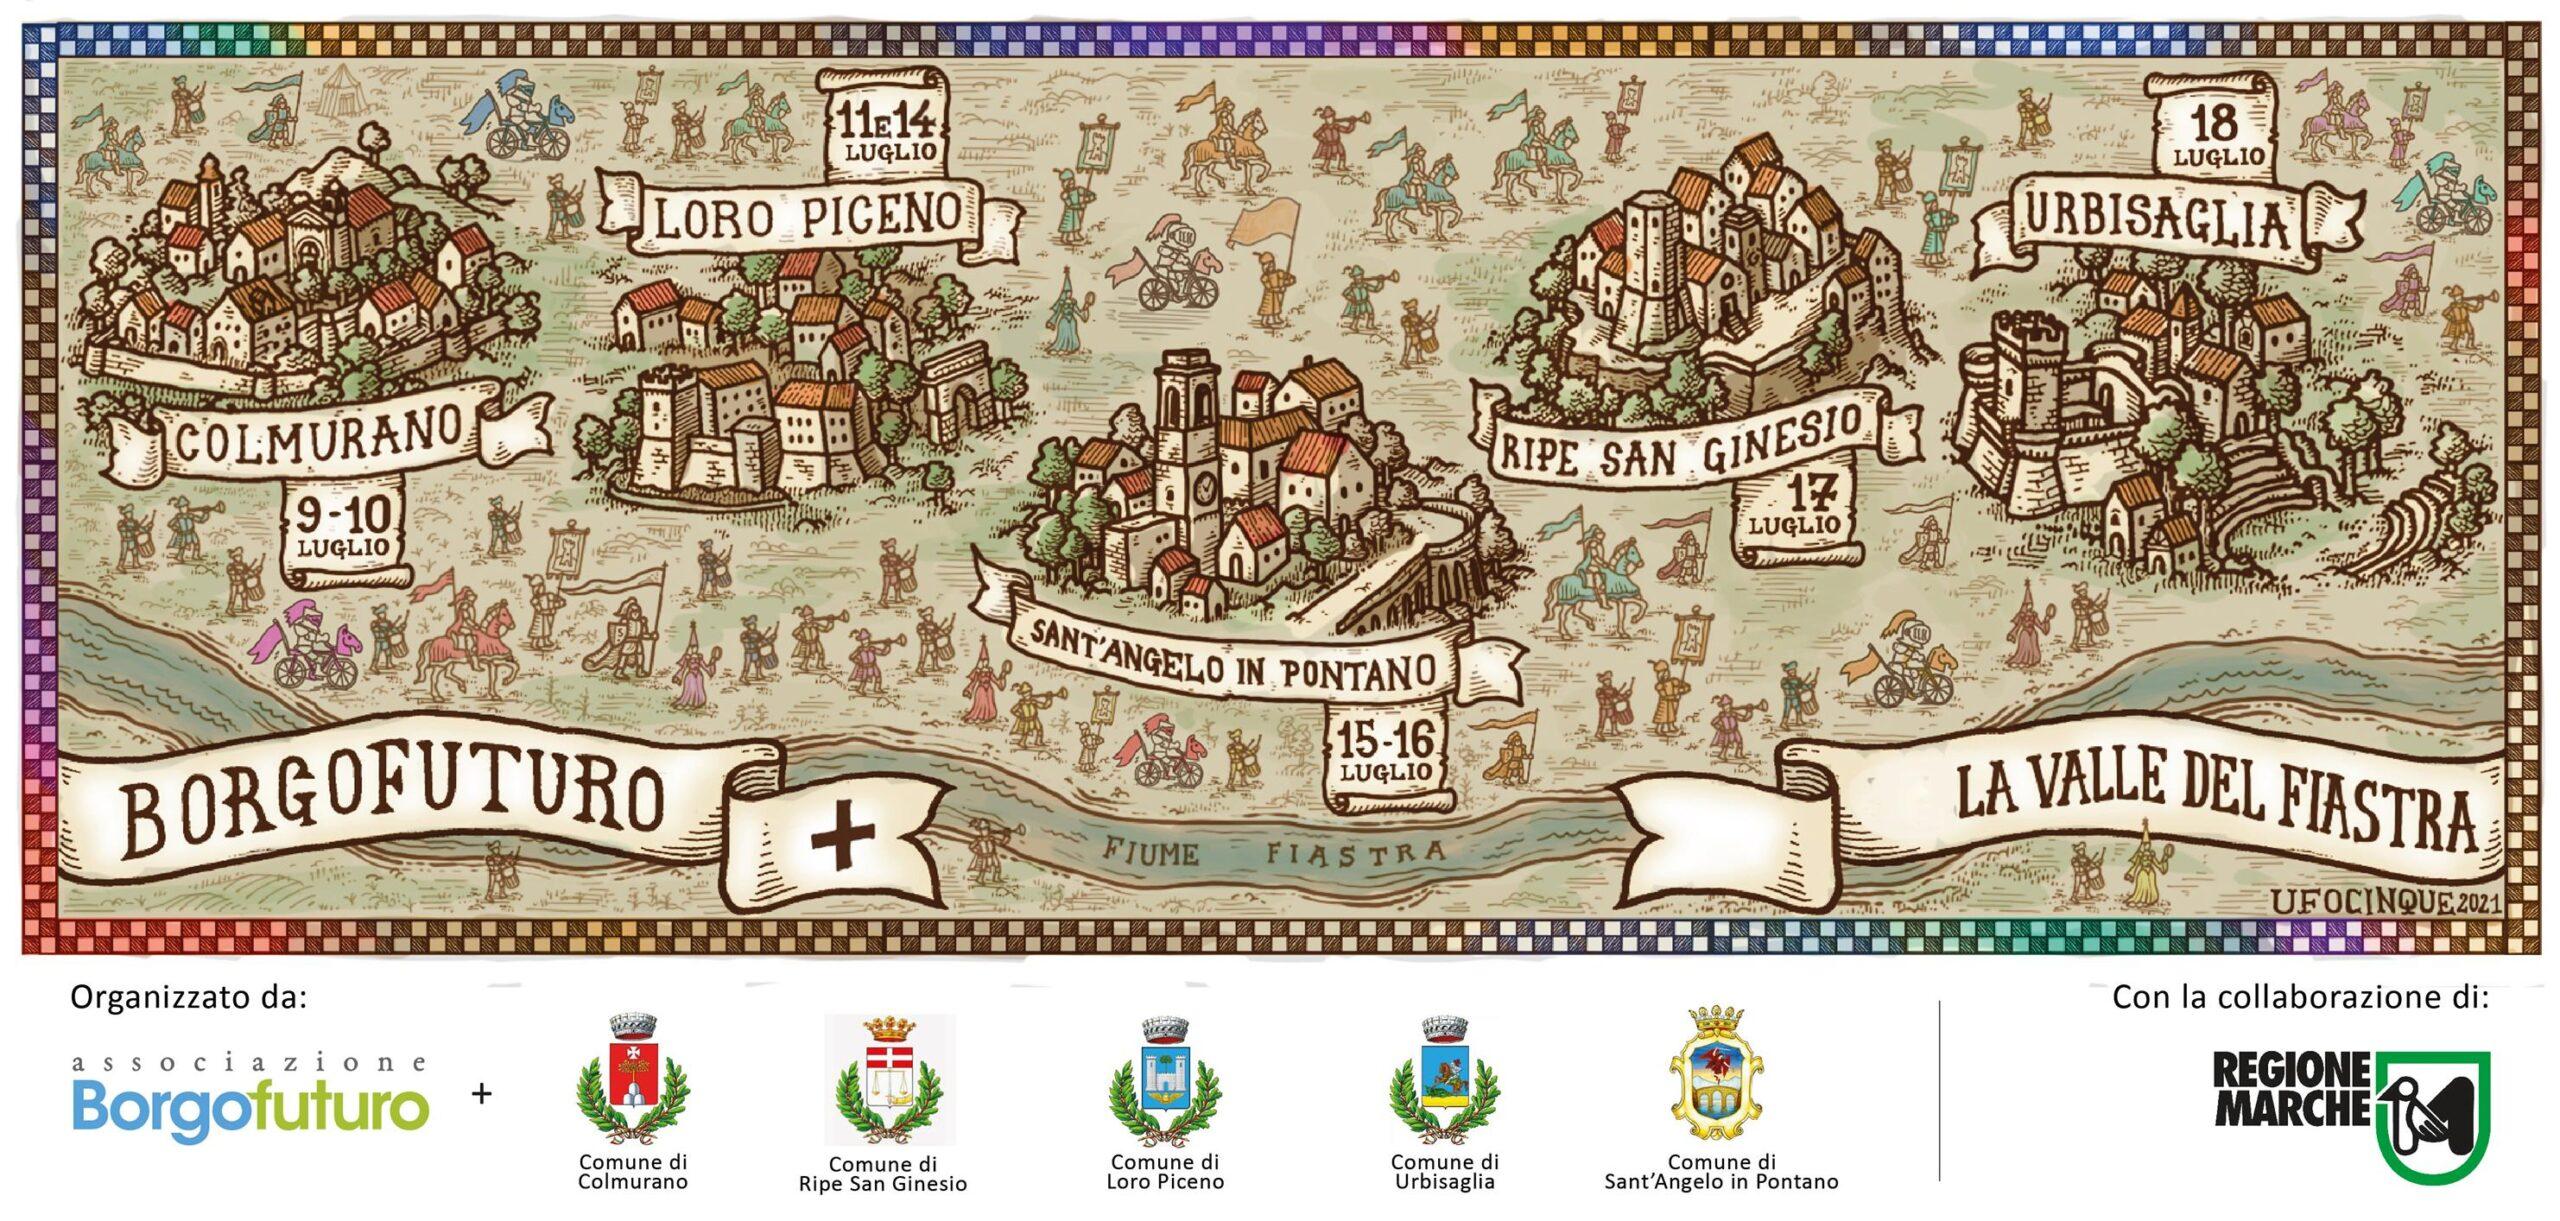 Borgofuturo+, il Festival della buona cultura e della ripartenza